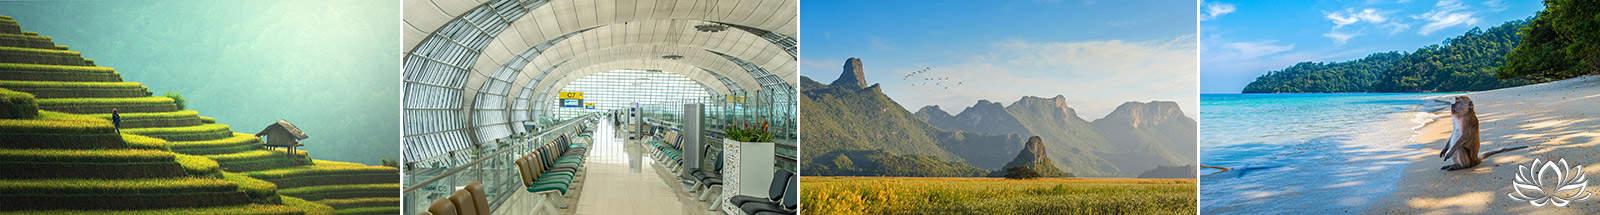 quel visa pour la Thaïlande, vivre en Thaïlande, expat, expatsiam, siamexpat